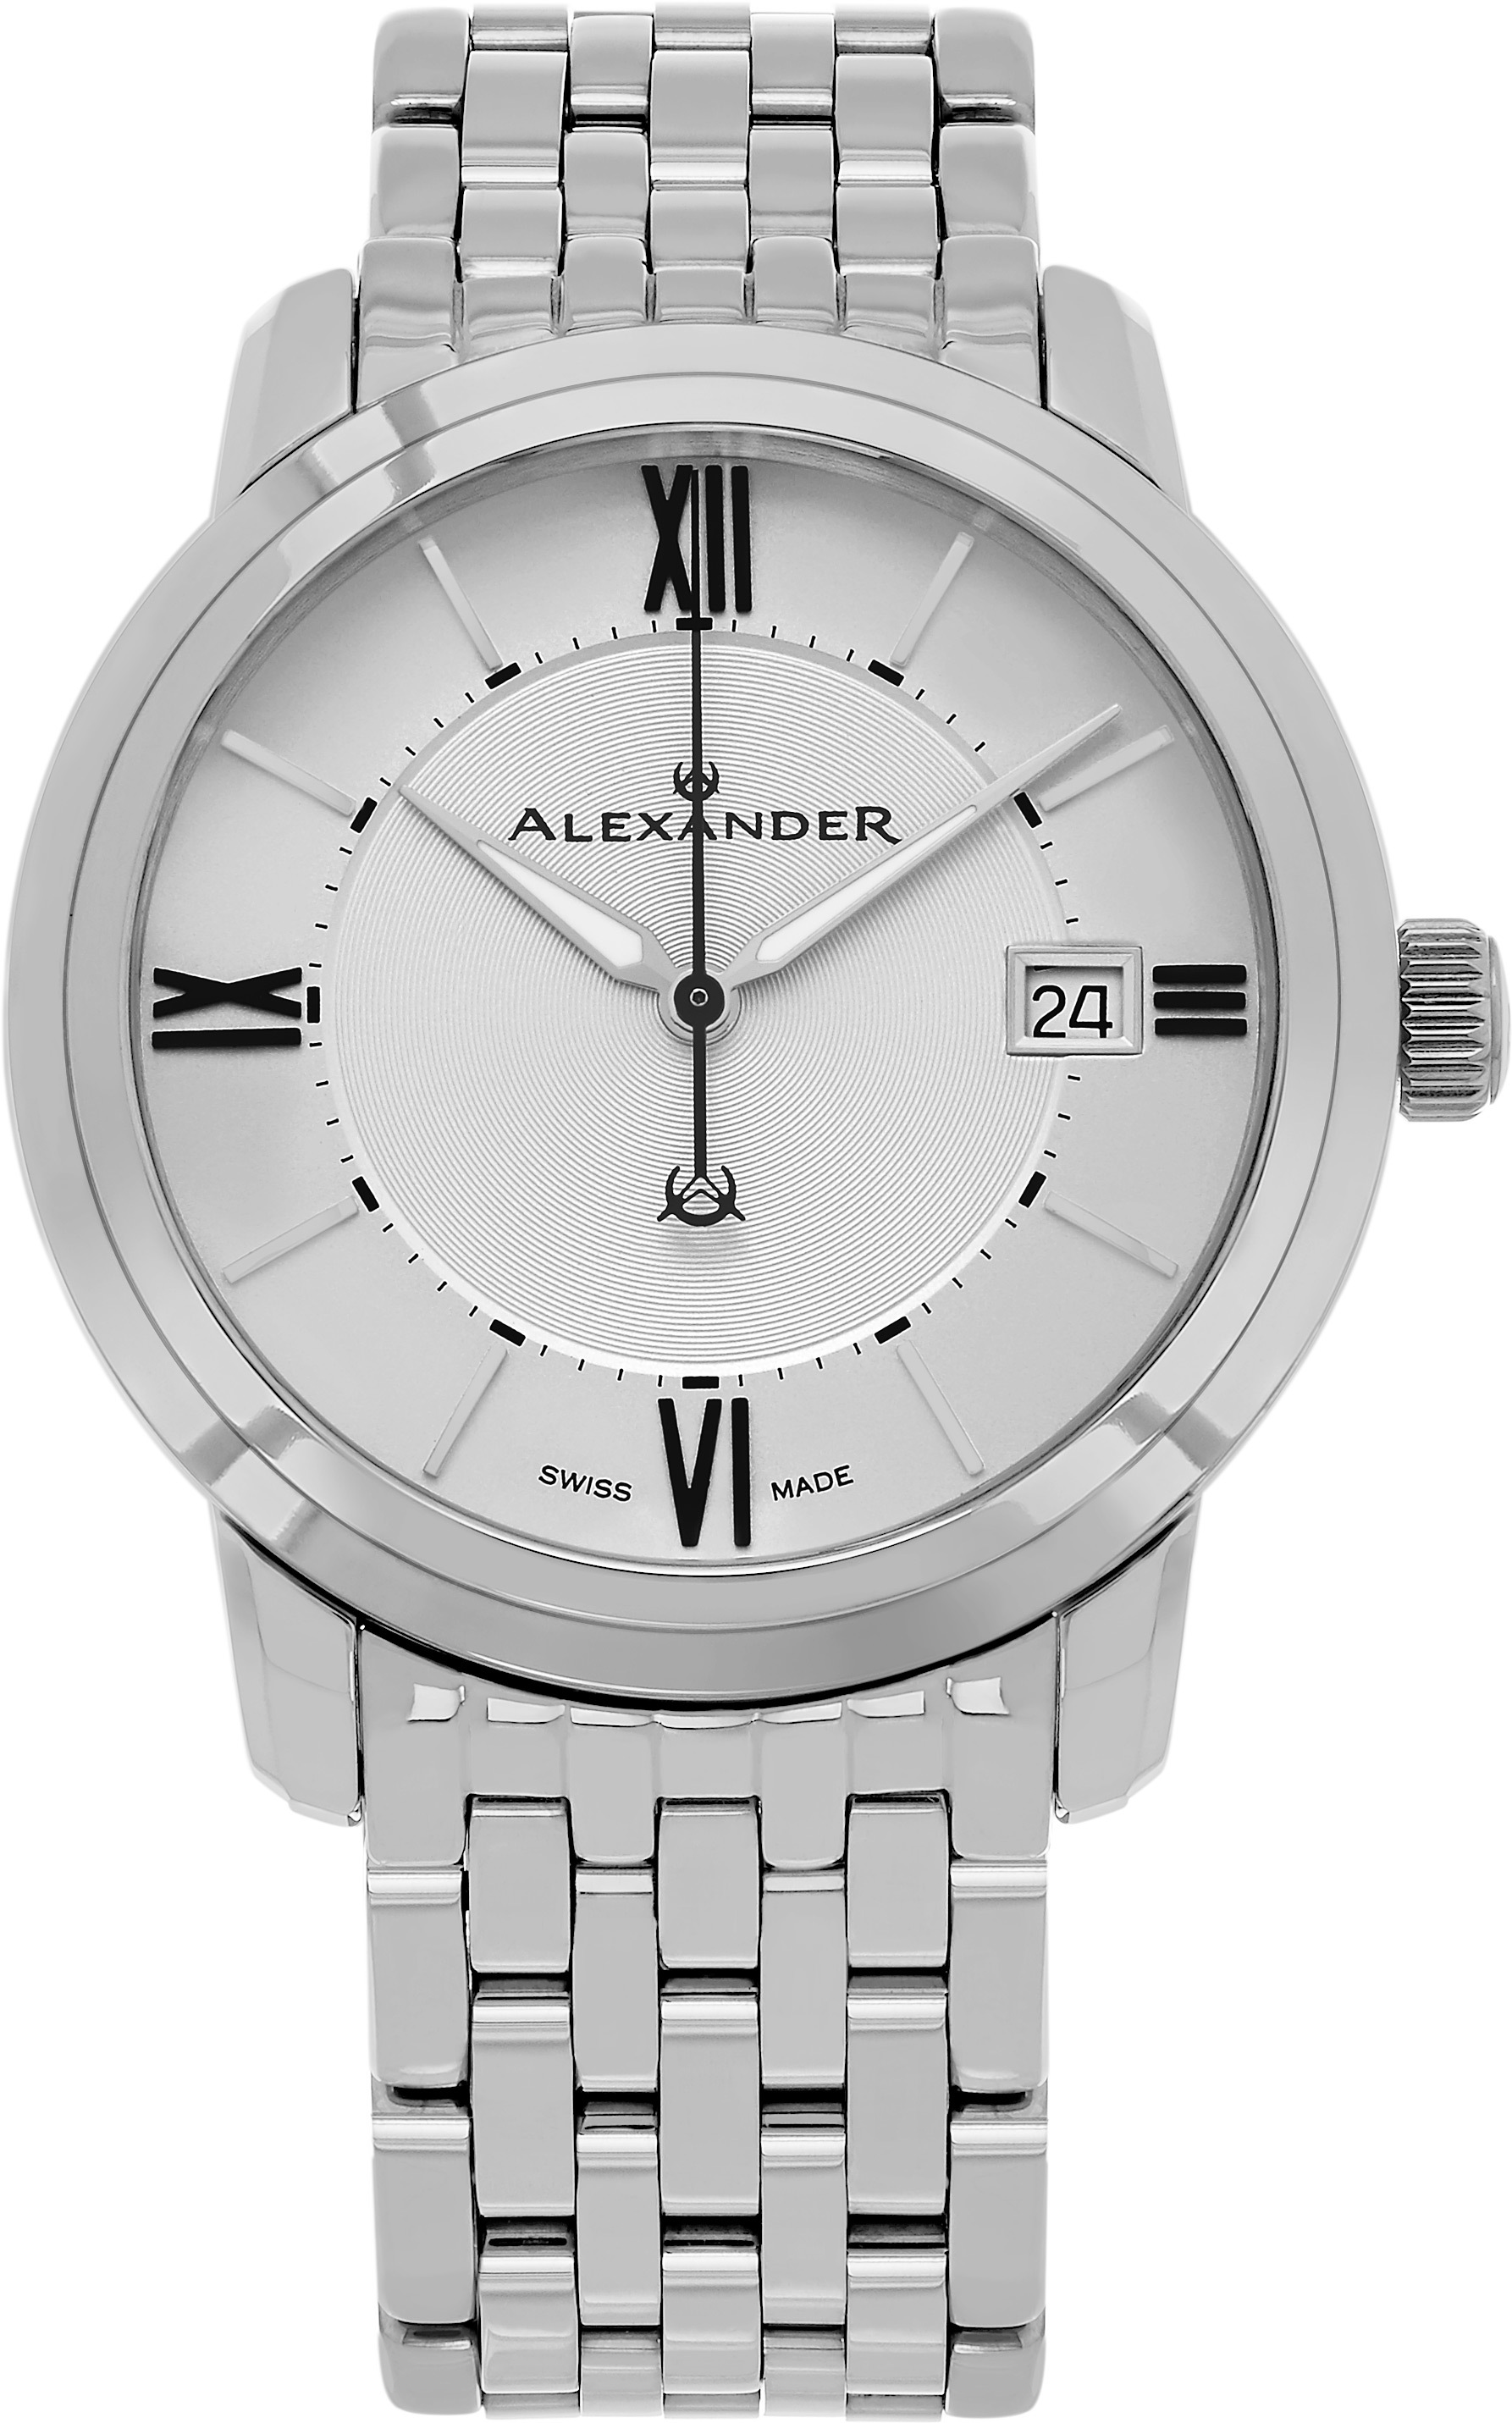 Bilde av Alexander Heroic Herreklokke A111b-04 Sølvfarget/stål Ø40 Mm